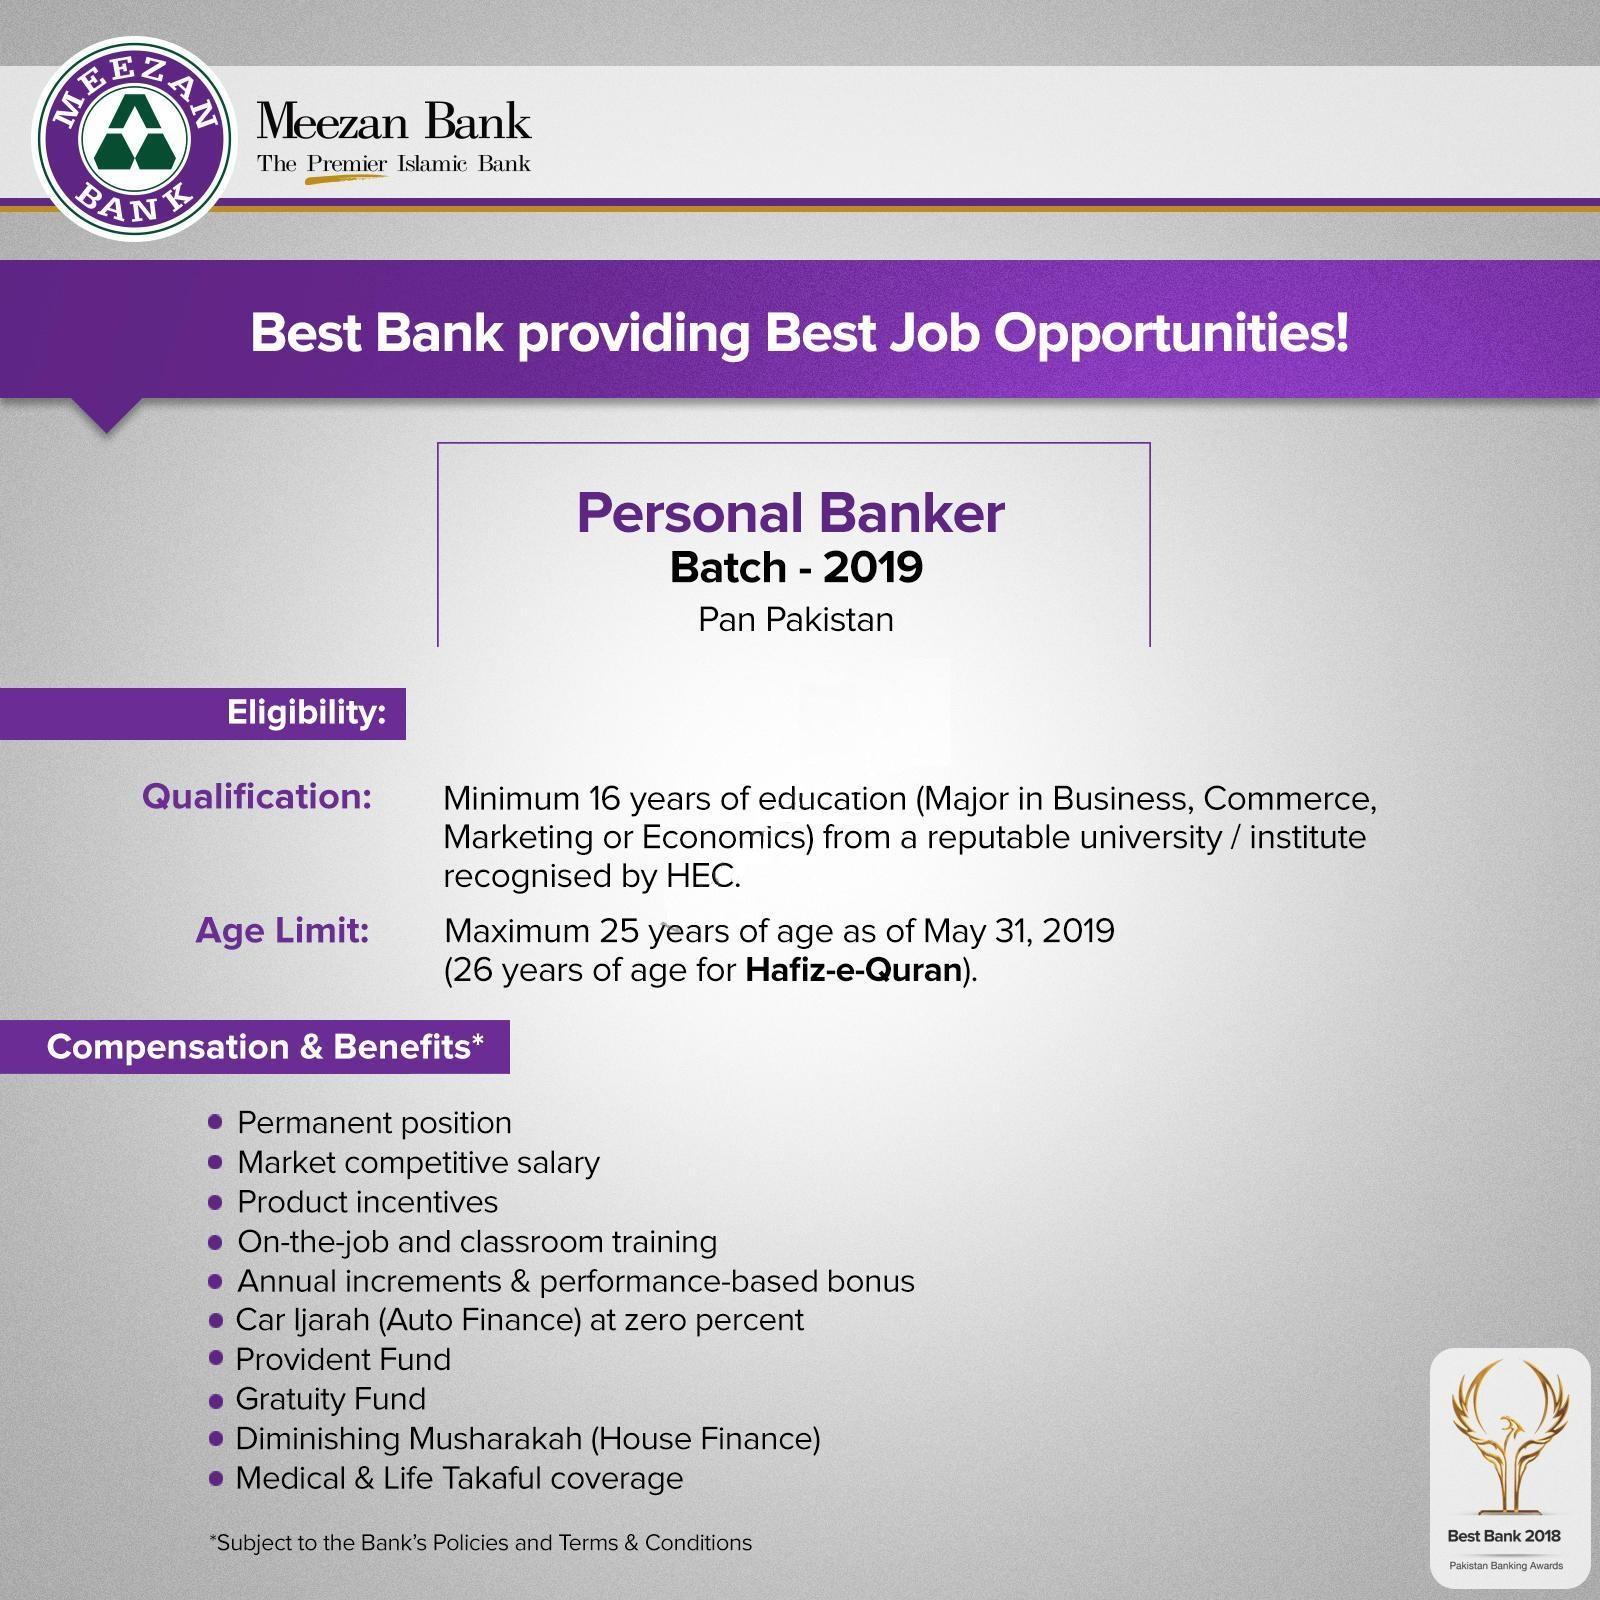 Meezan Bank Jobs 2019 For Personal Banker Batch 2019  Vacancies 250